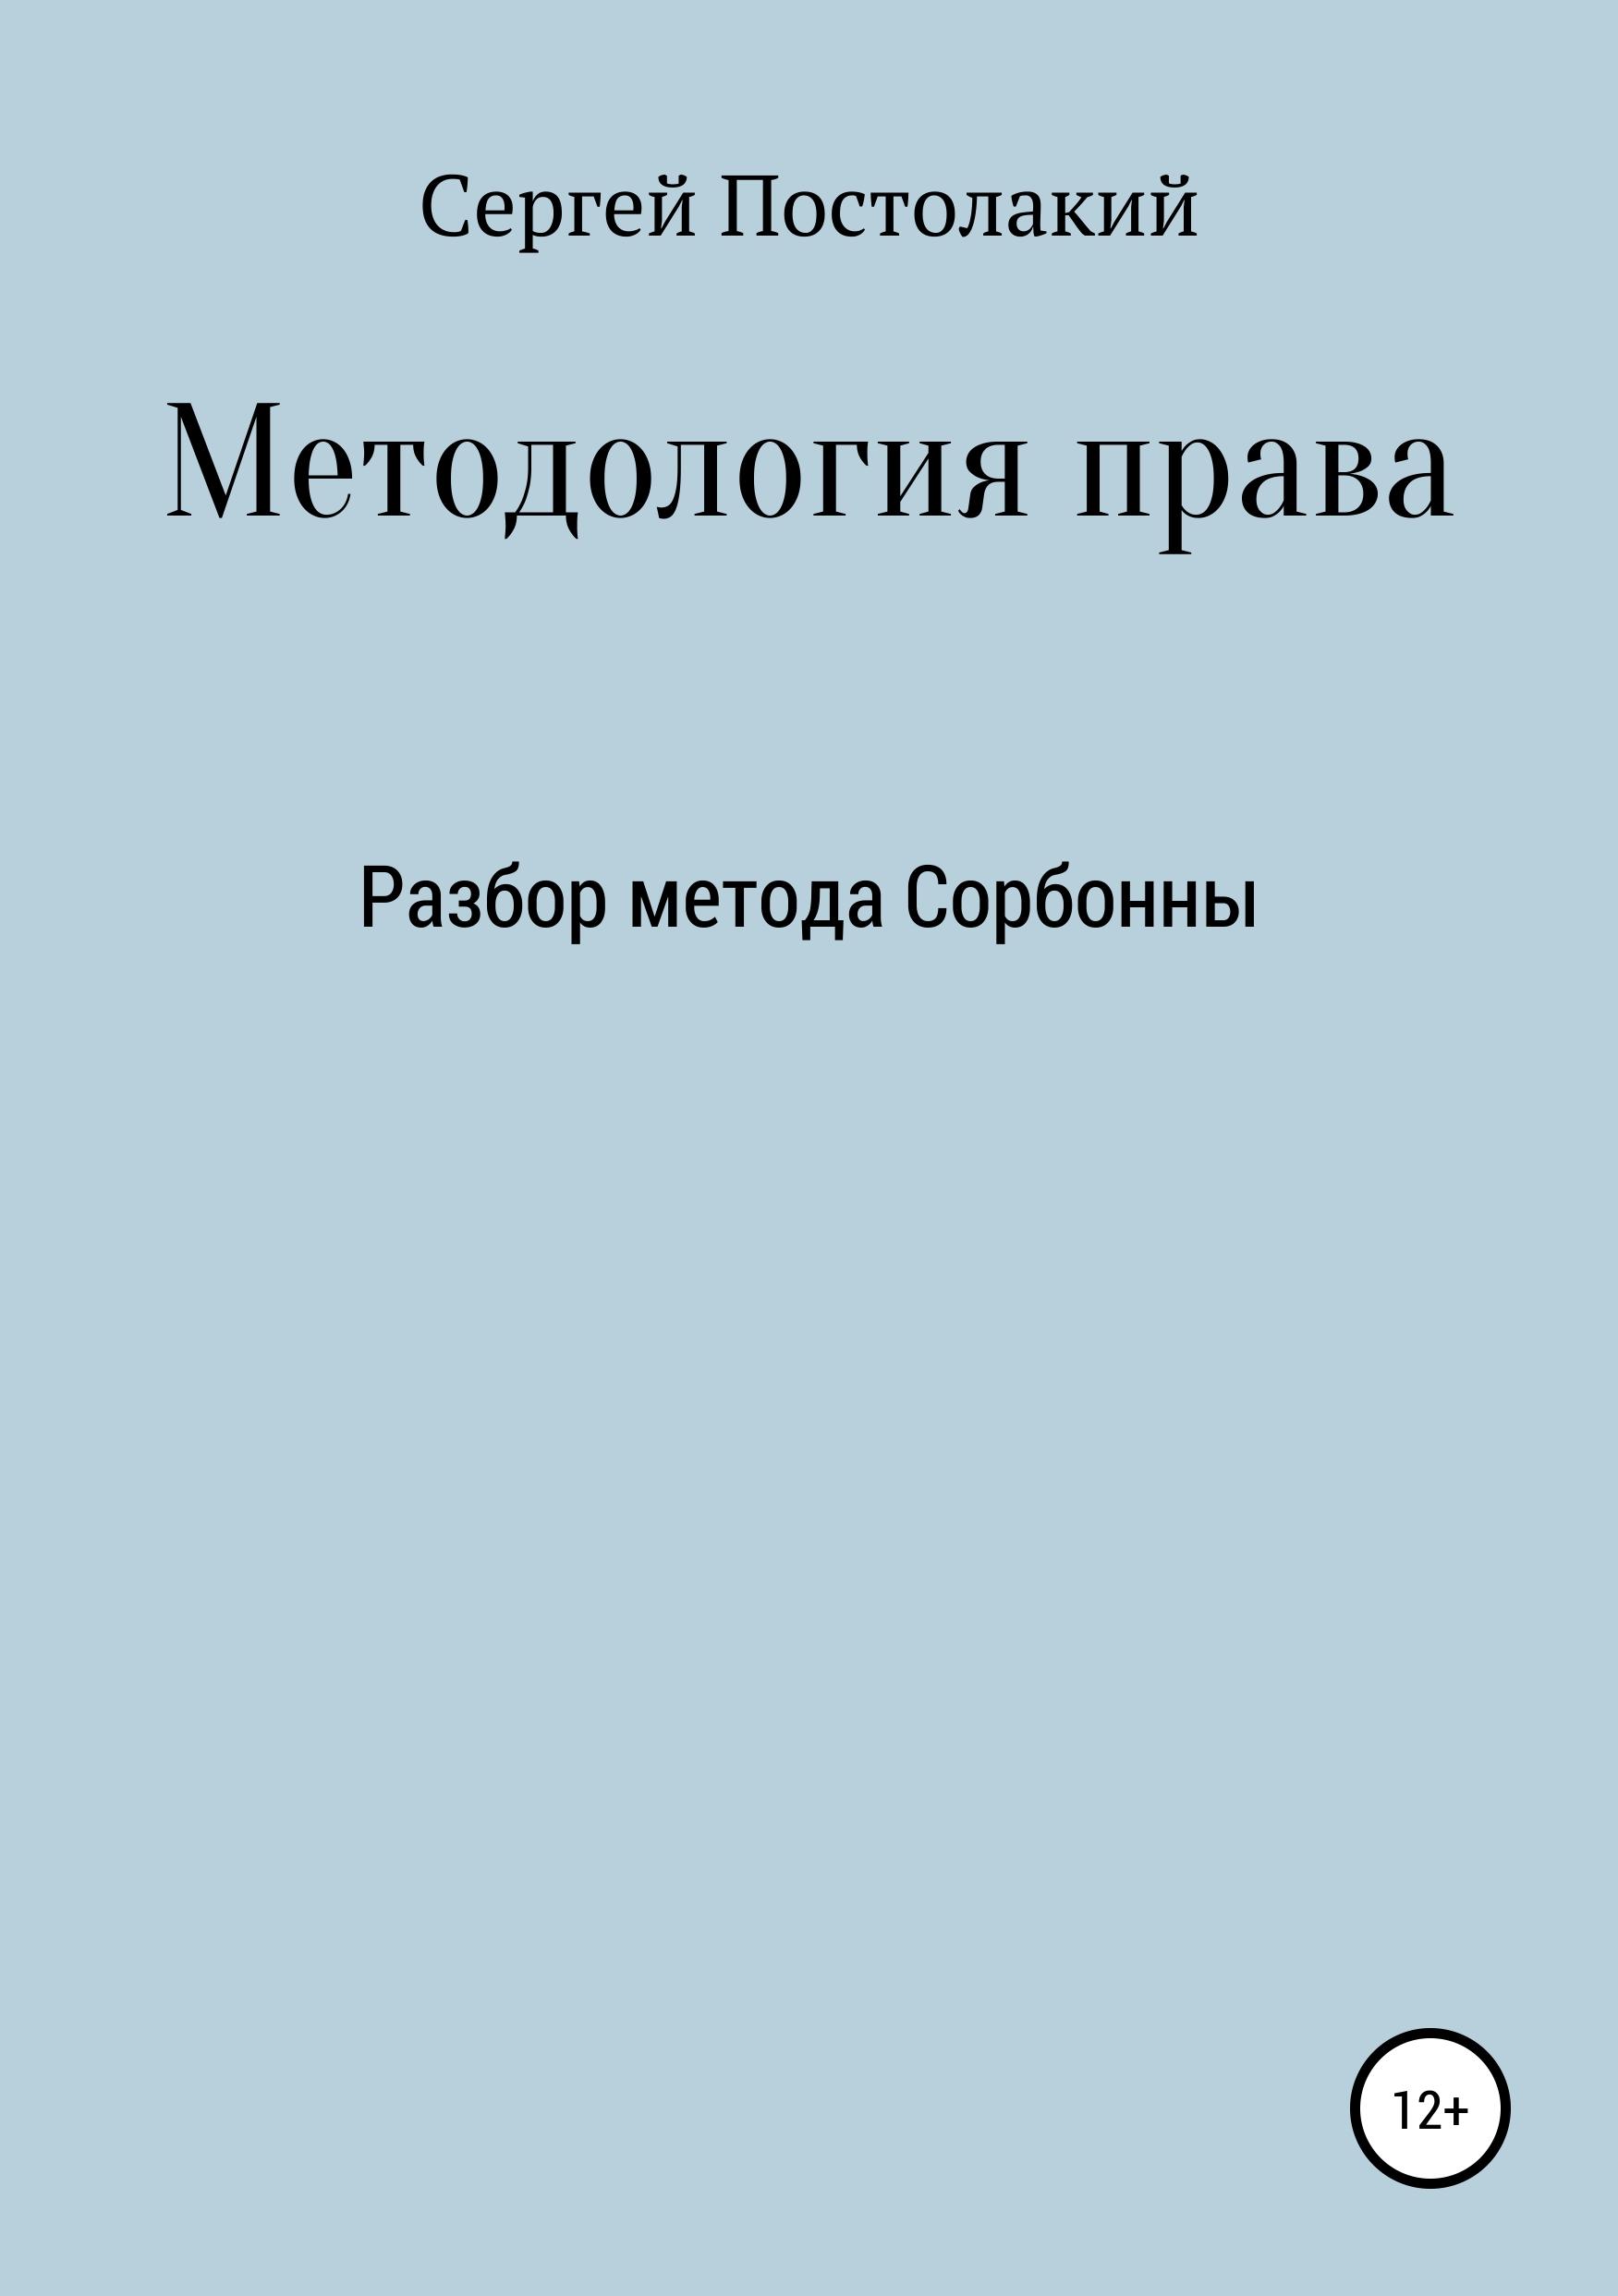 Купить книгу Методология права: Разбор метода Сорбонны, автора Сергея Николаевича Постолакия